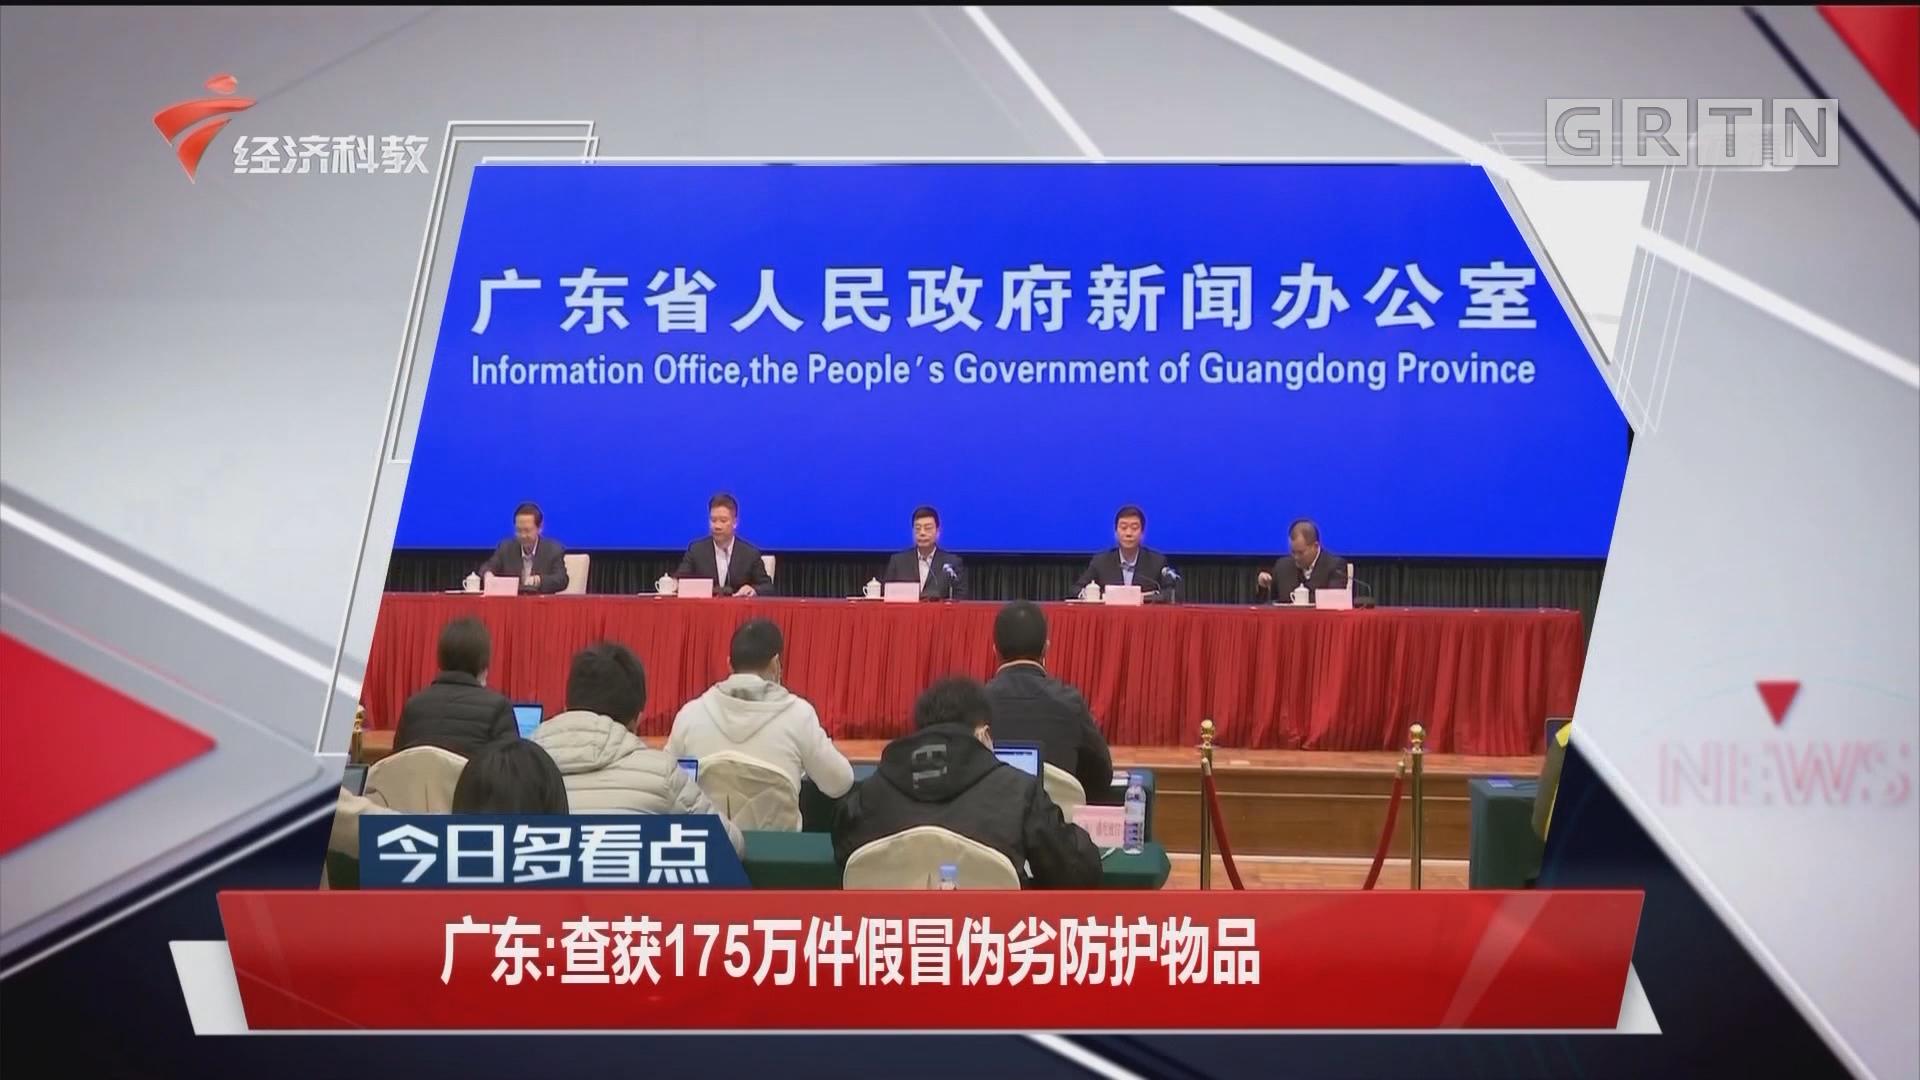 广东:查获175万件假冒伪劣防护物品